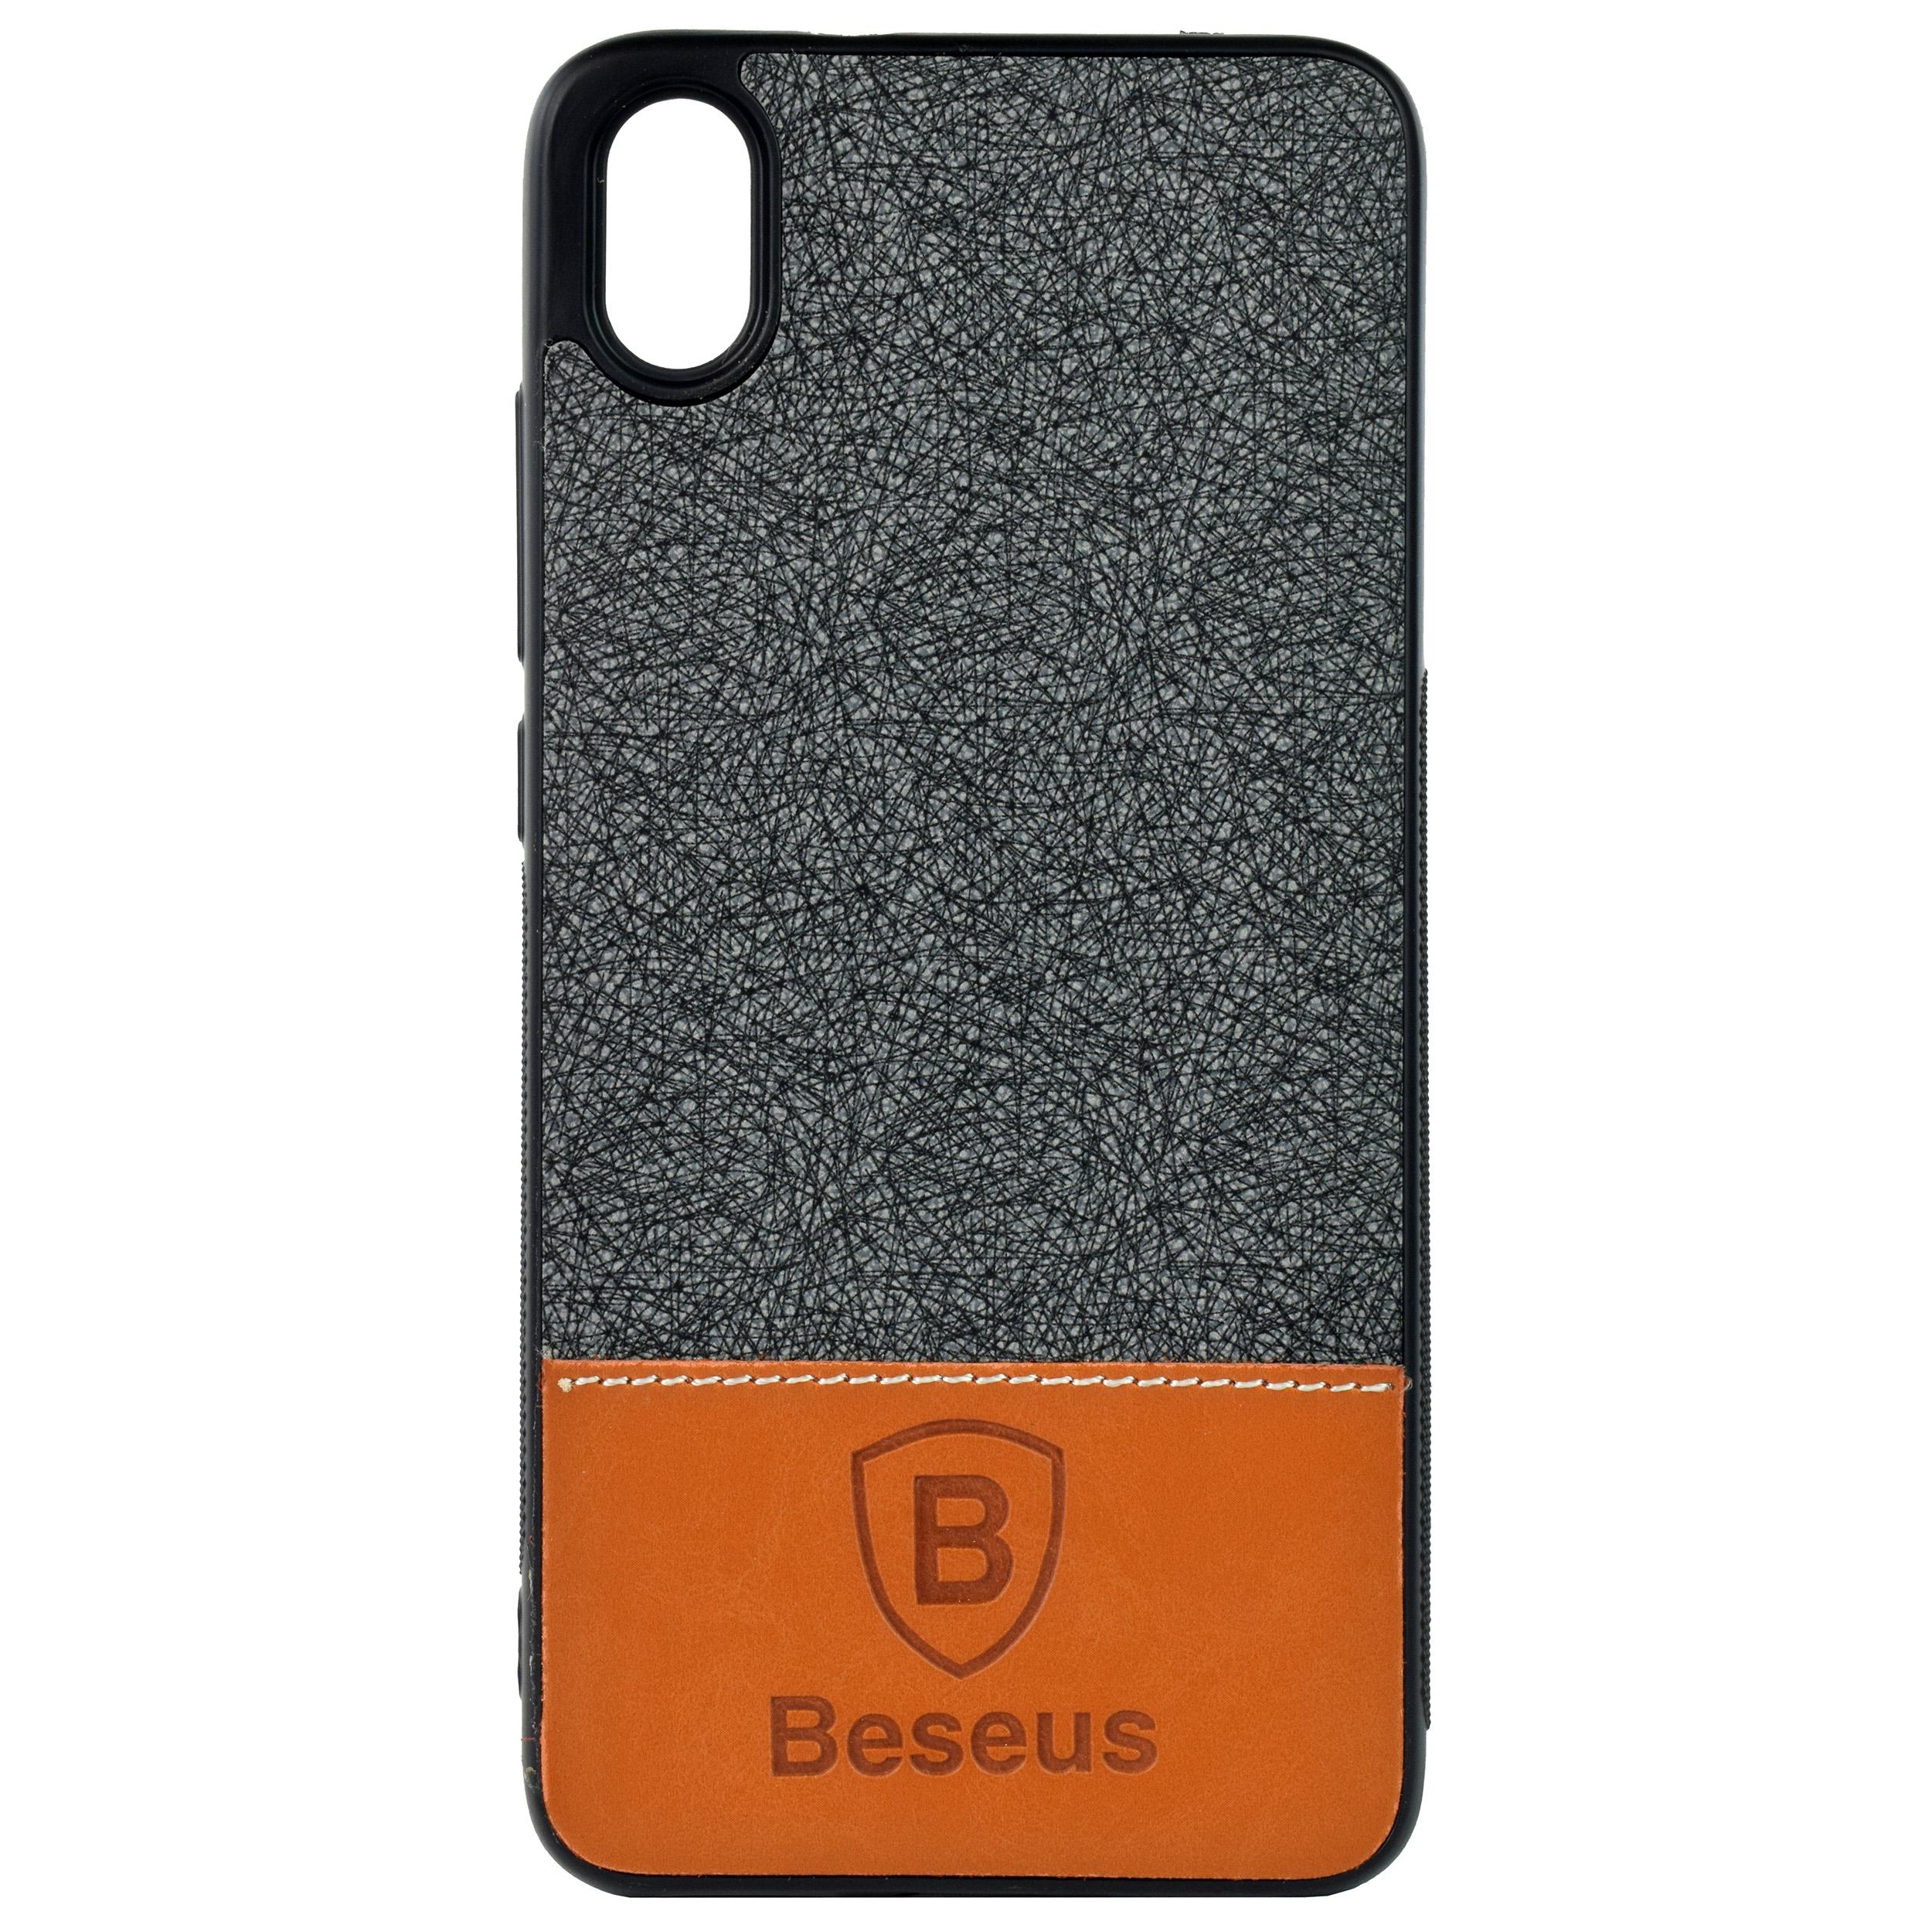 کاور باسئوس مدل BS30 مناسب برای گوشی موبایل شیائومی Redmi 7A